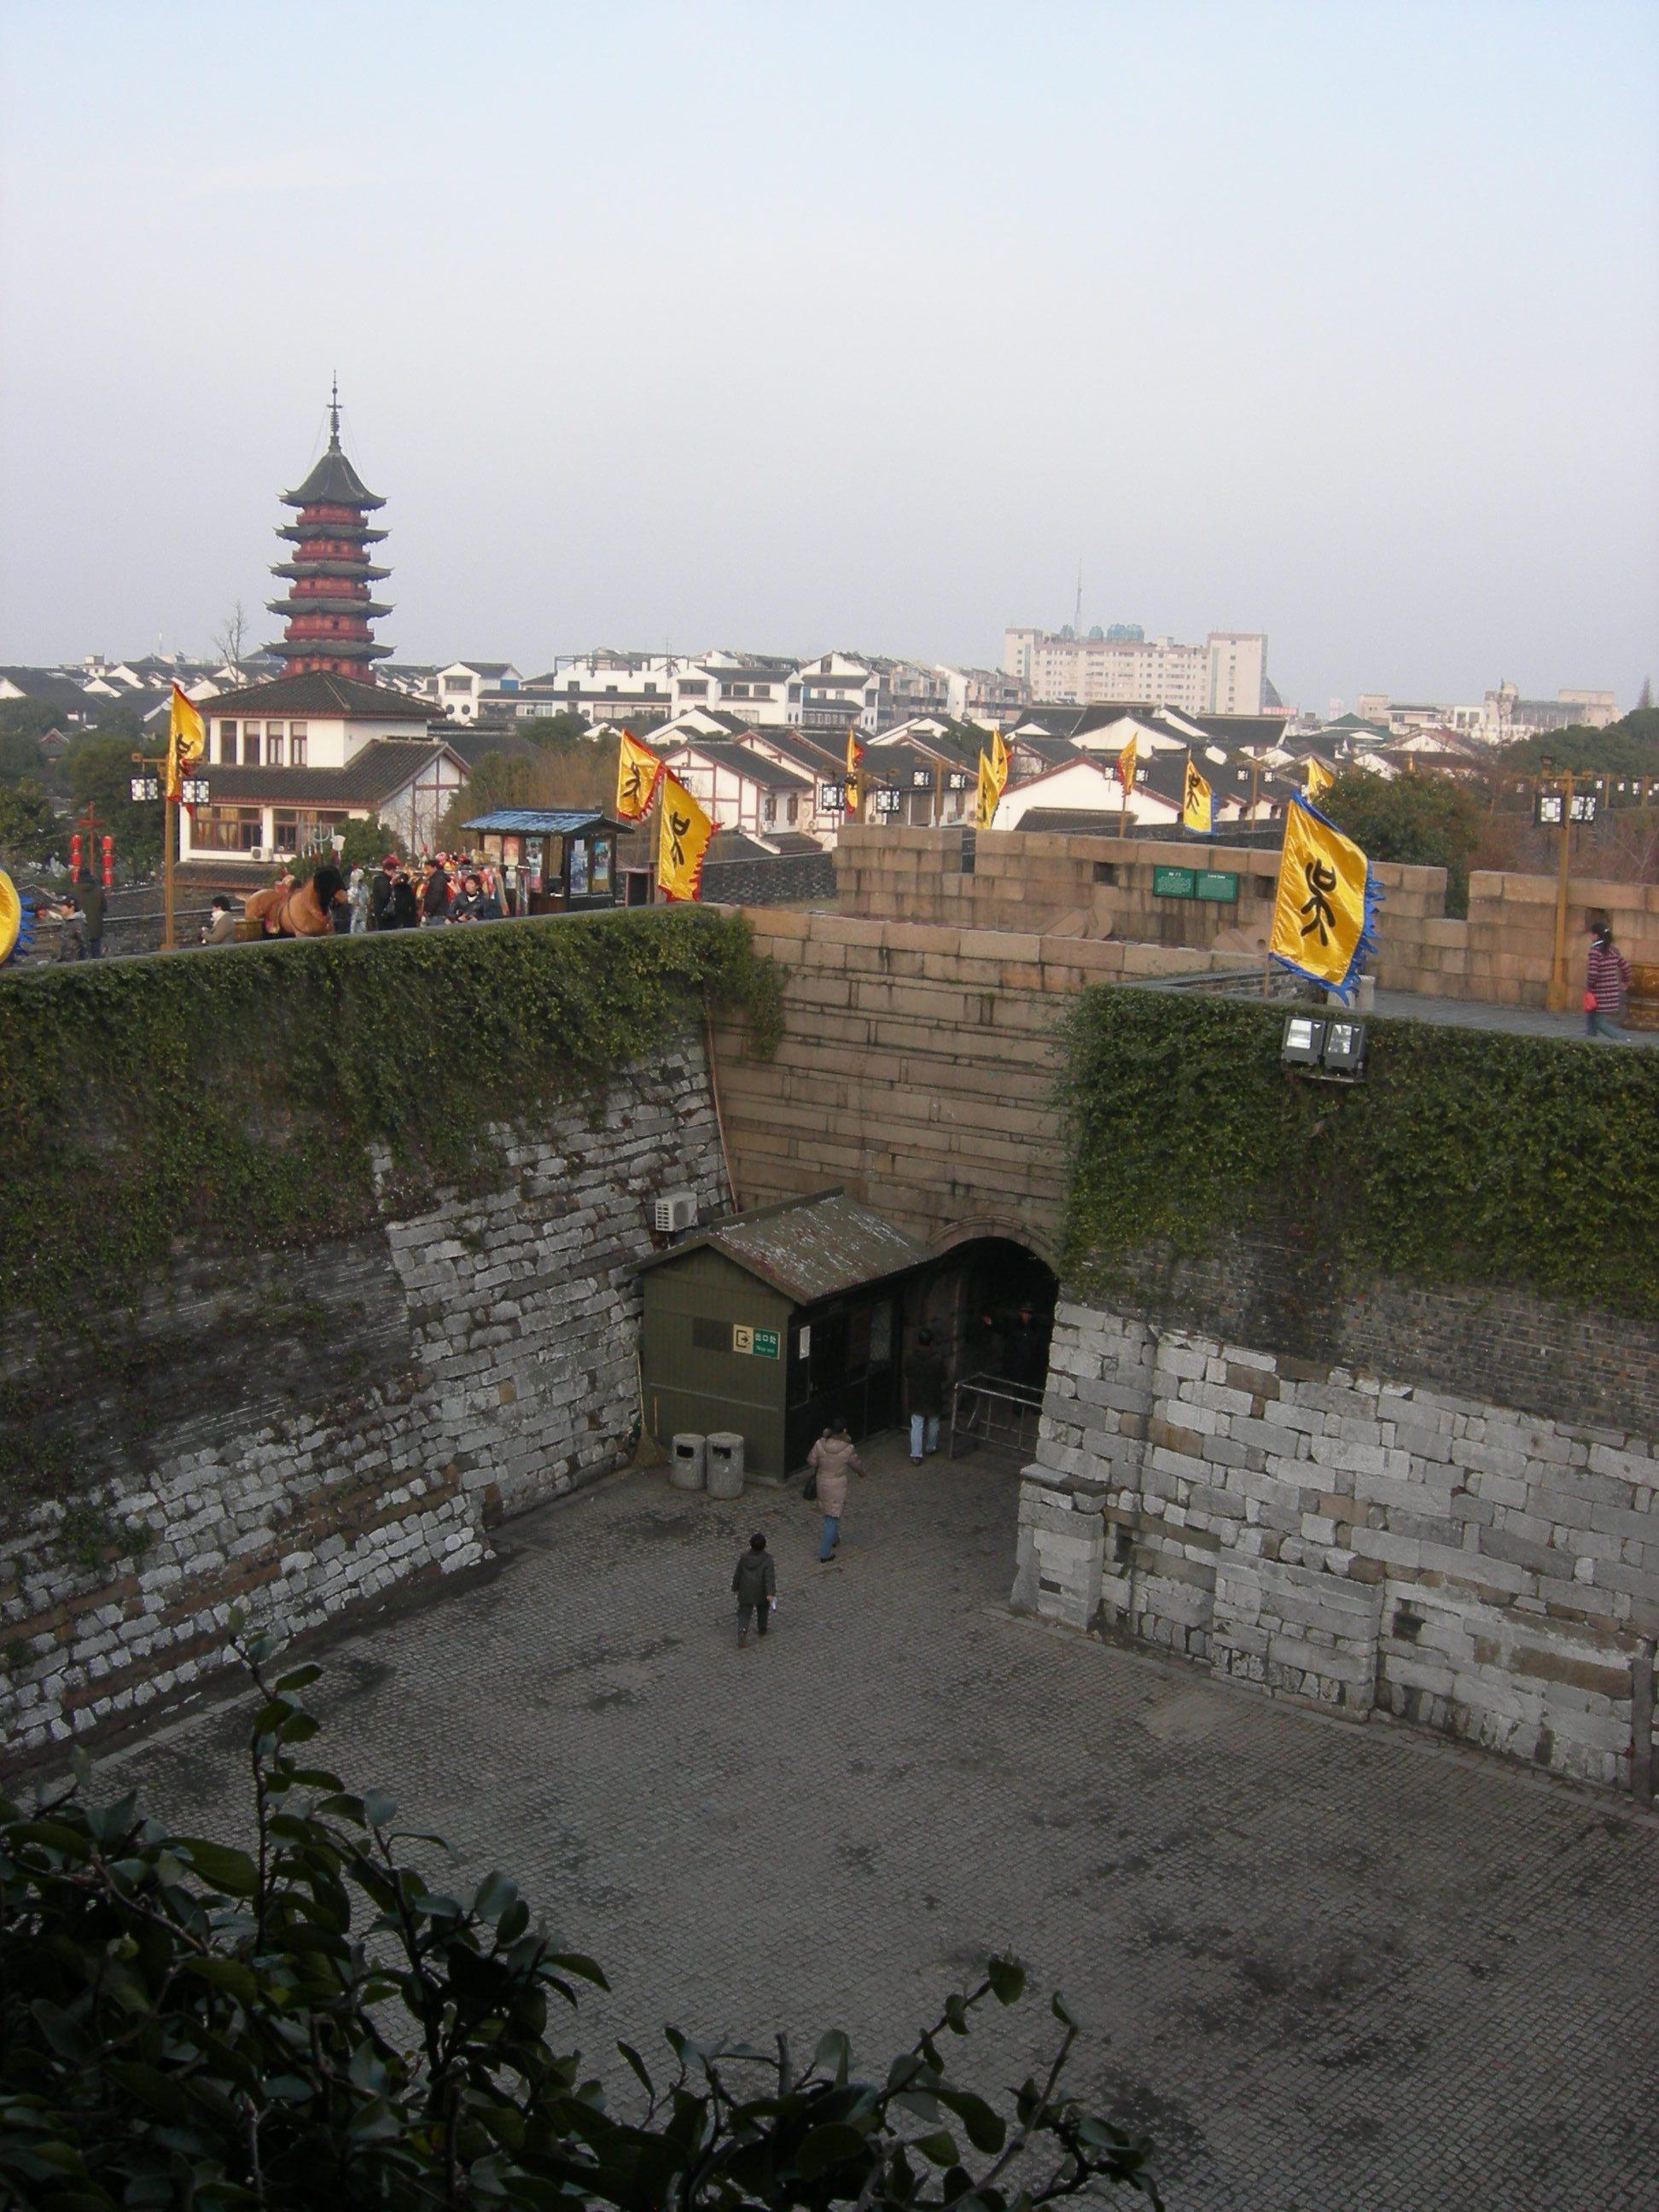 City Walls and Gates – spaceship china